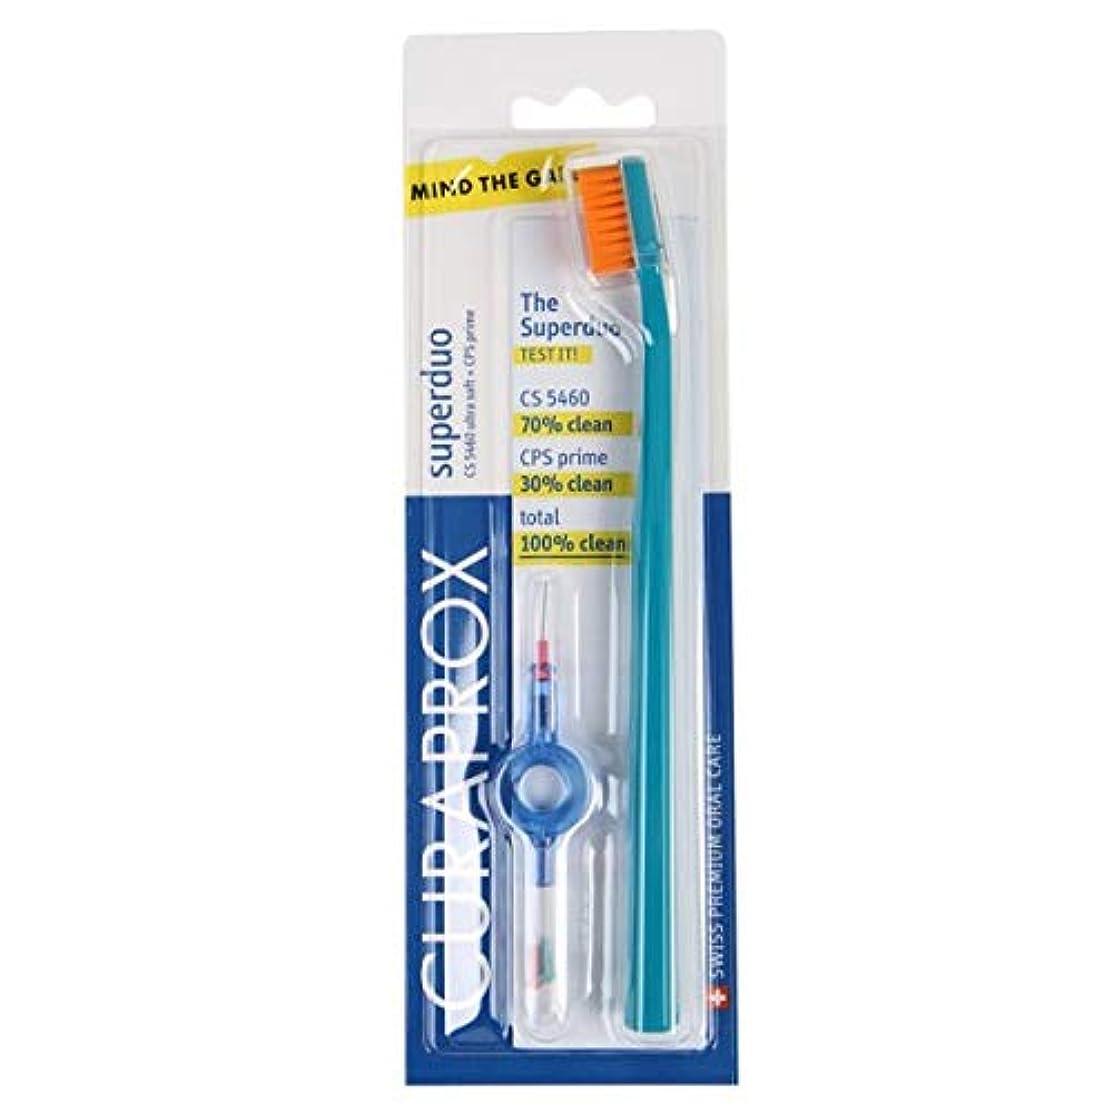 拘束する見つけるパスクラプロックス 歯ブラシ+歯間ブラシ セット CS 5460 + CPS 06/07/08, UHS 409 holder + cap